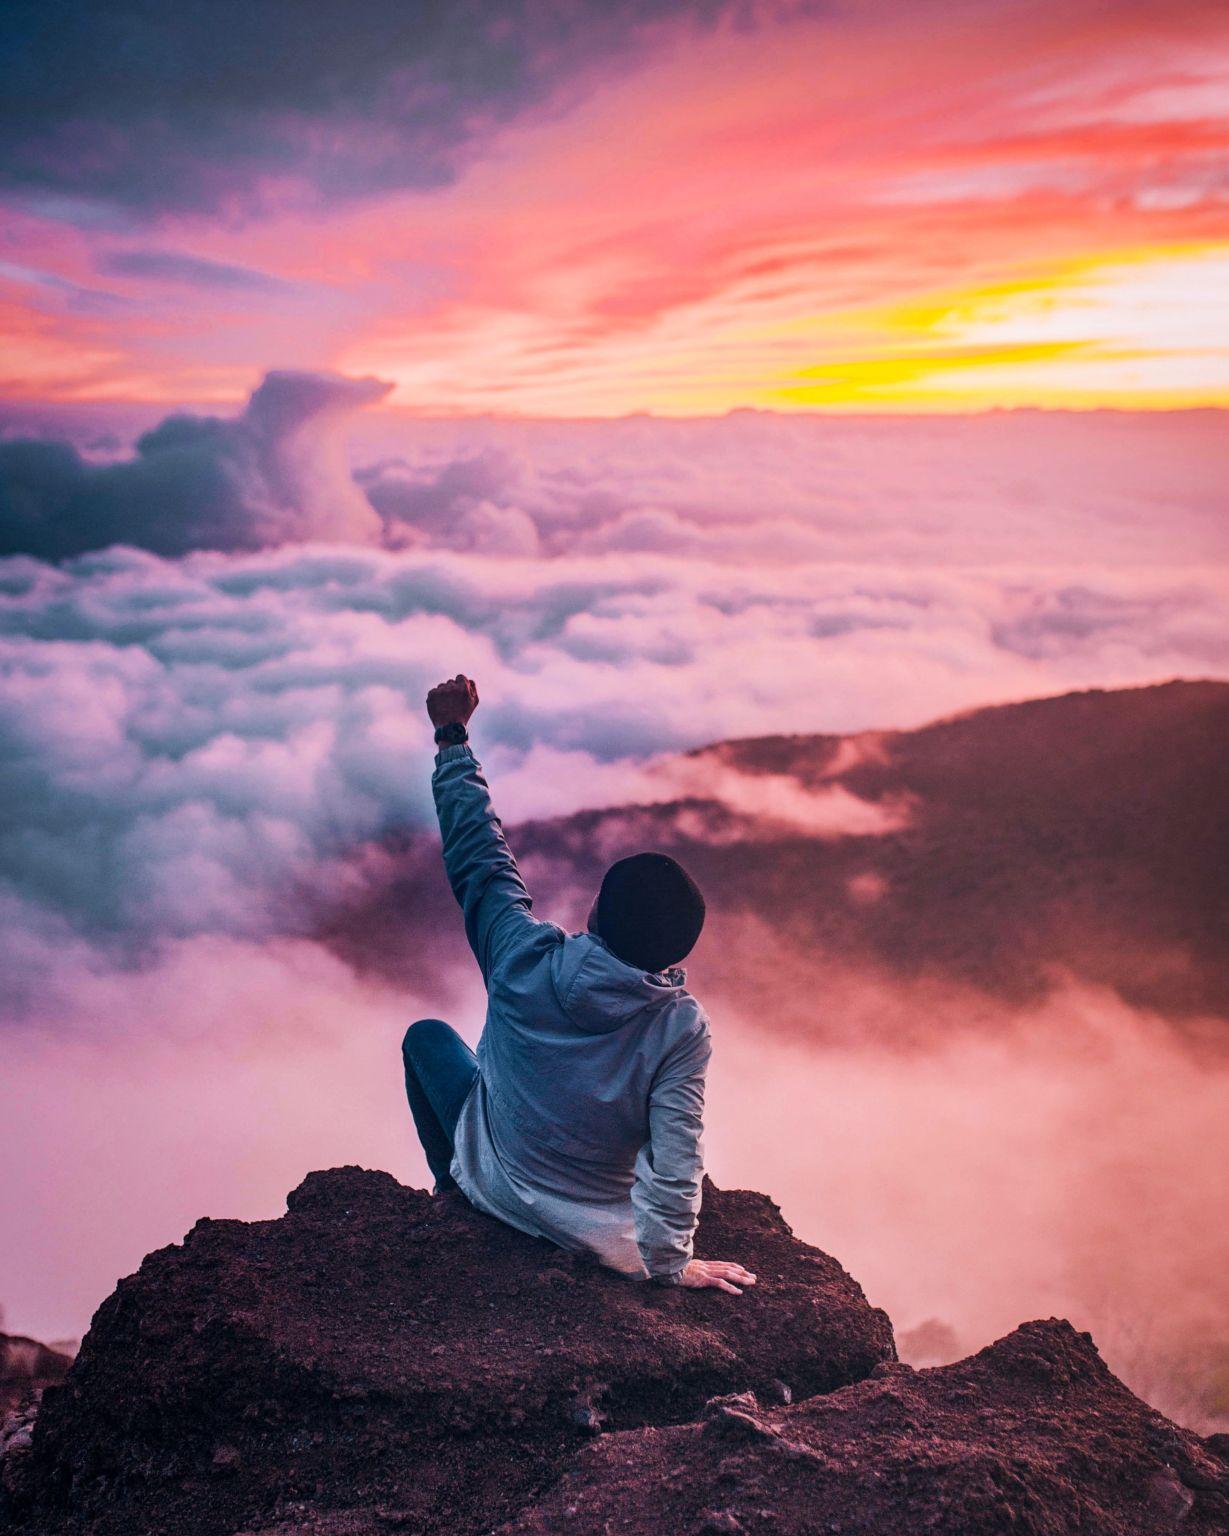 নিয়নবাতি [পর্ব-৬৩] :: নিজের ব্রেইনকে করুন সুপার এক্টিভ :: আপনার লাইফের সকল সমস্যার সমাধান এনে দিবে Binaural beats!!!